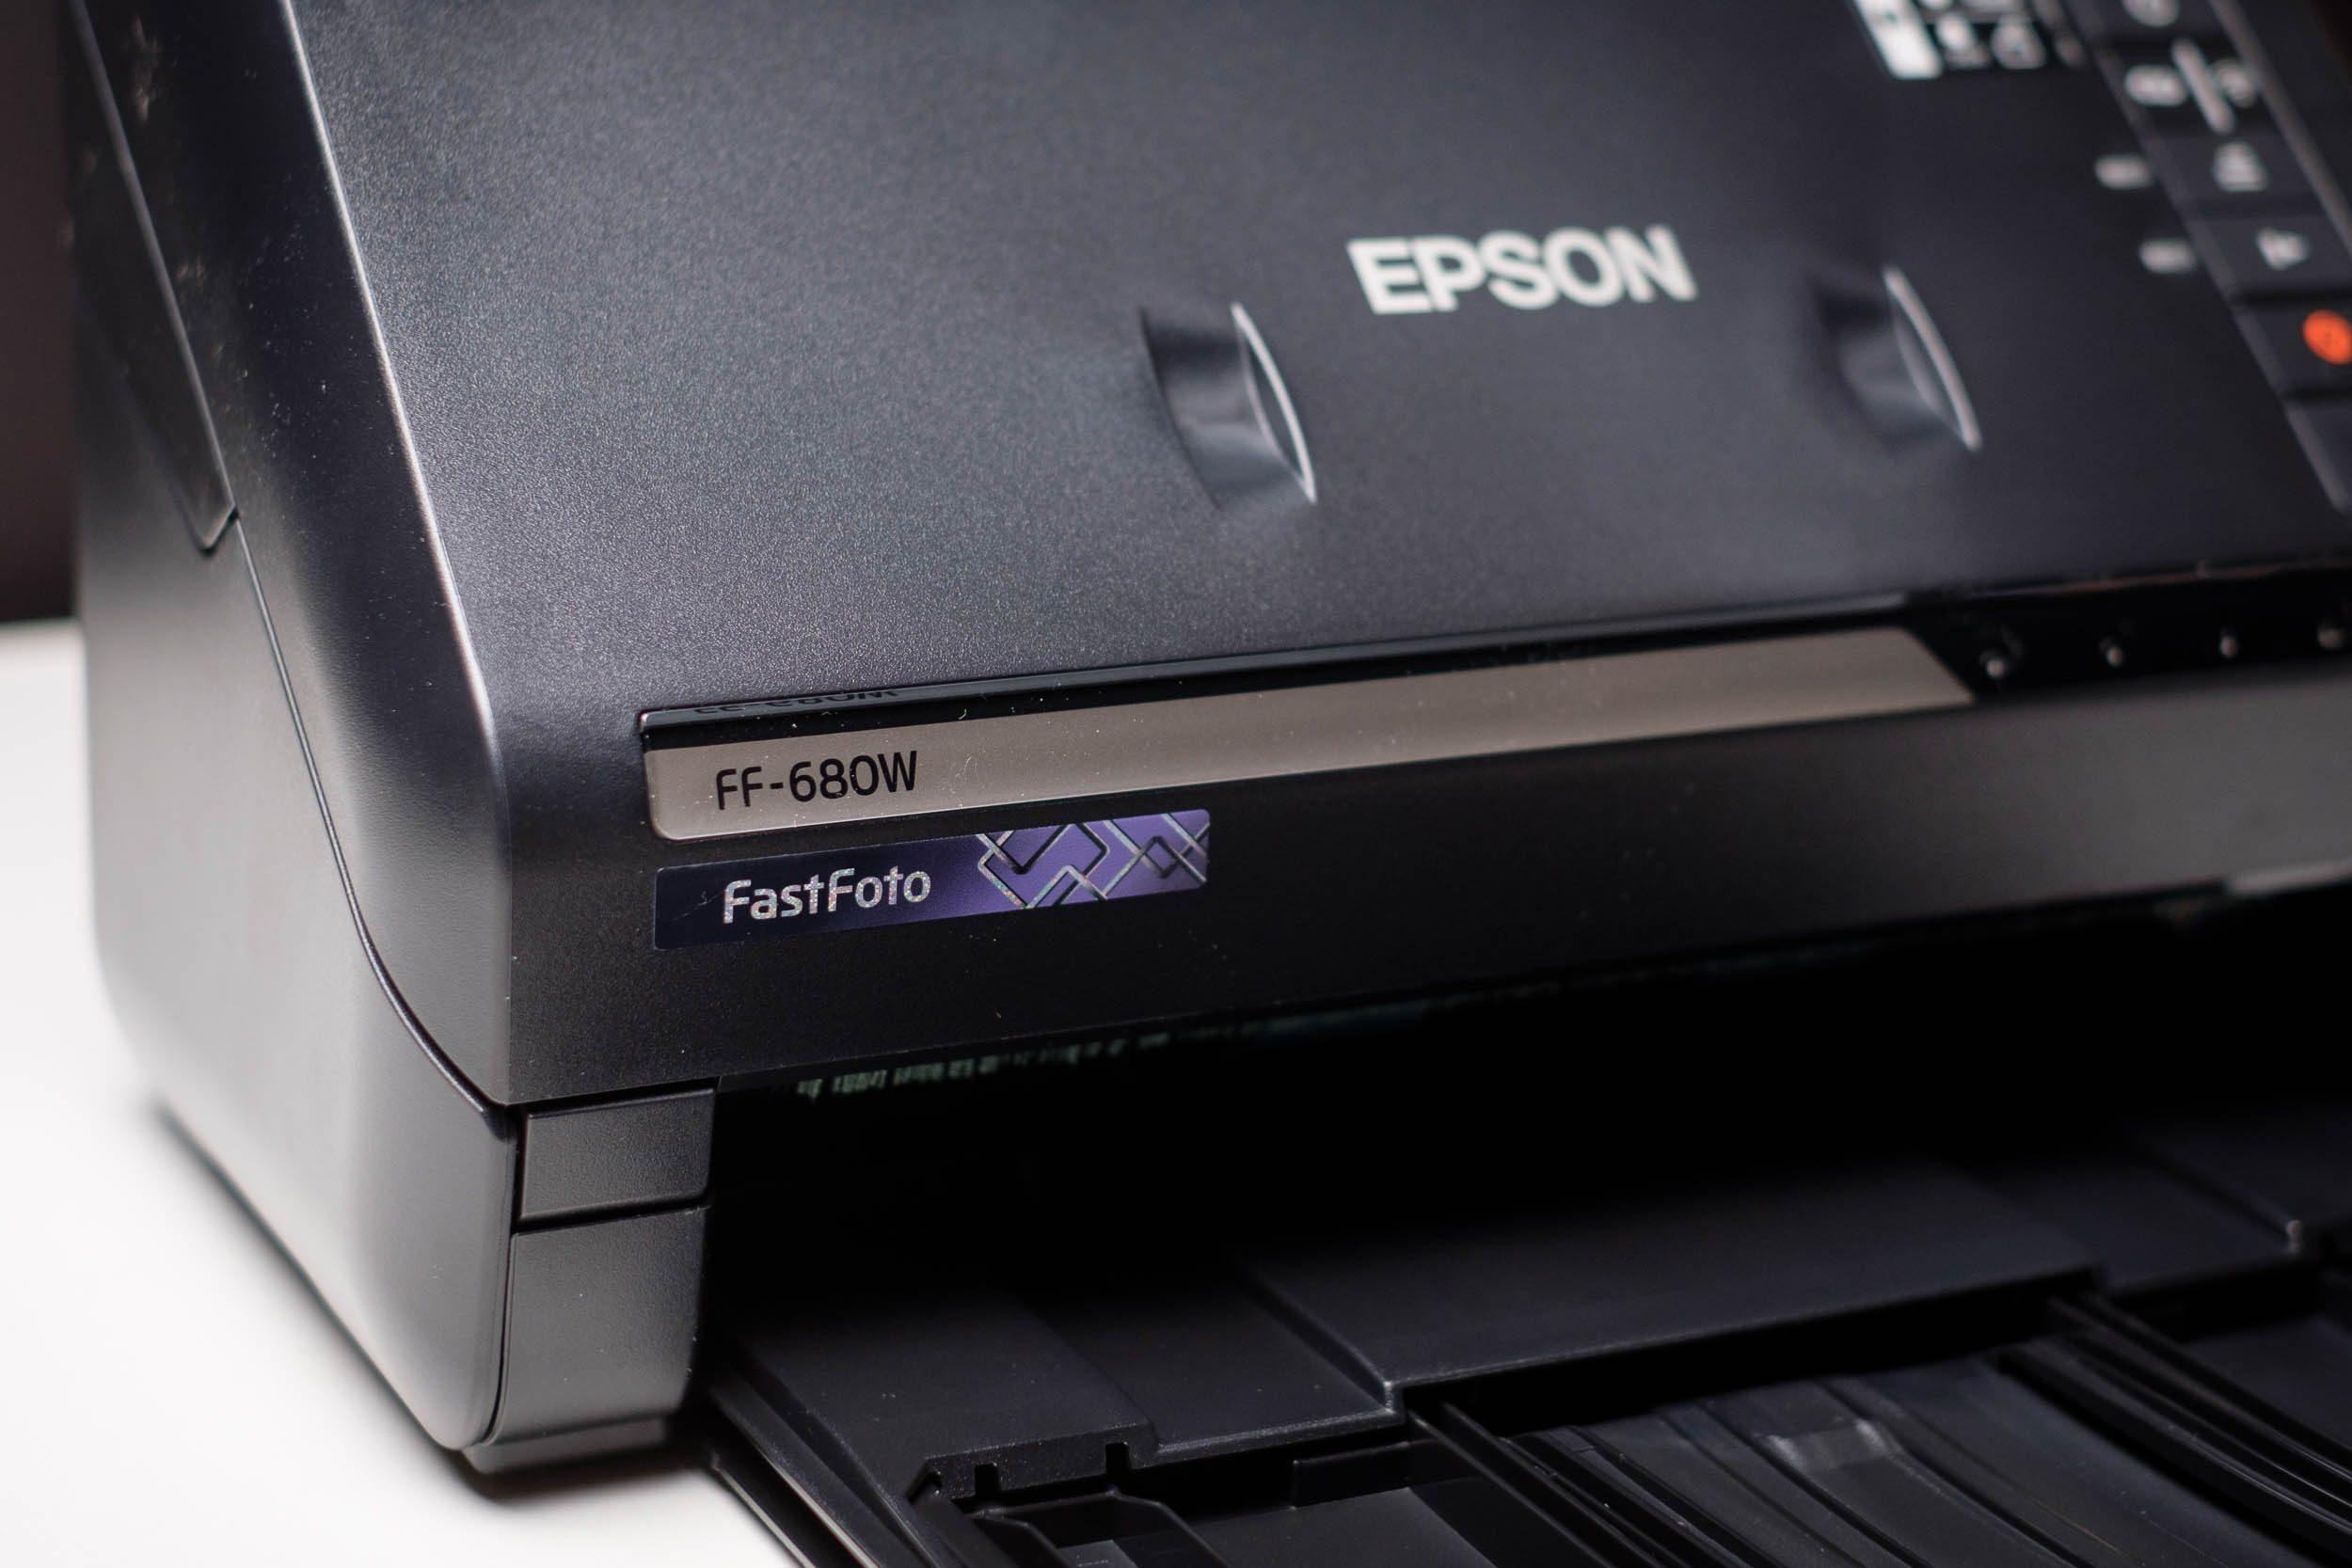 Epson FF-680W Scan